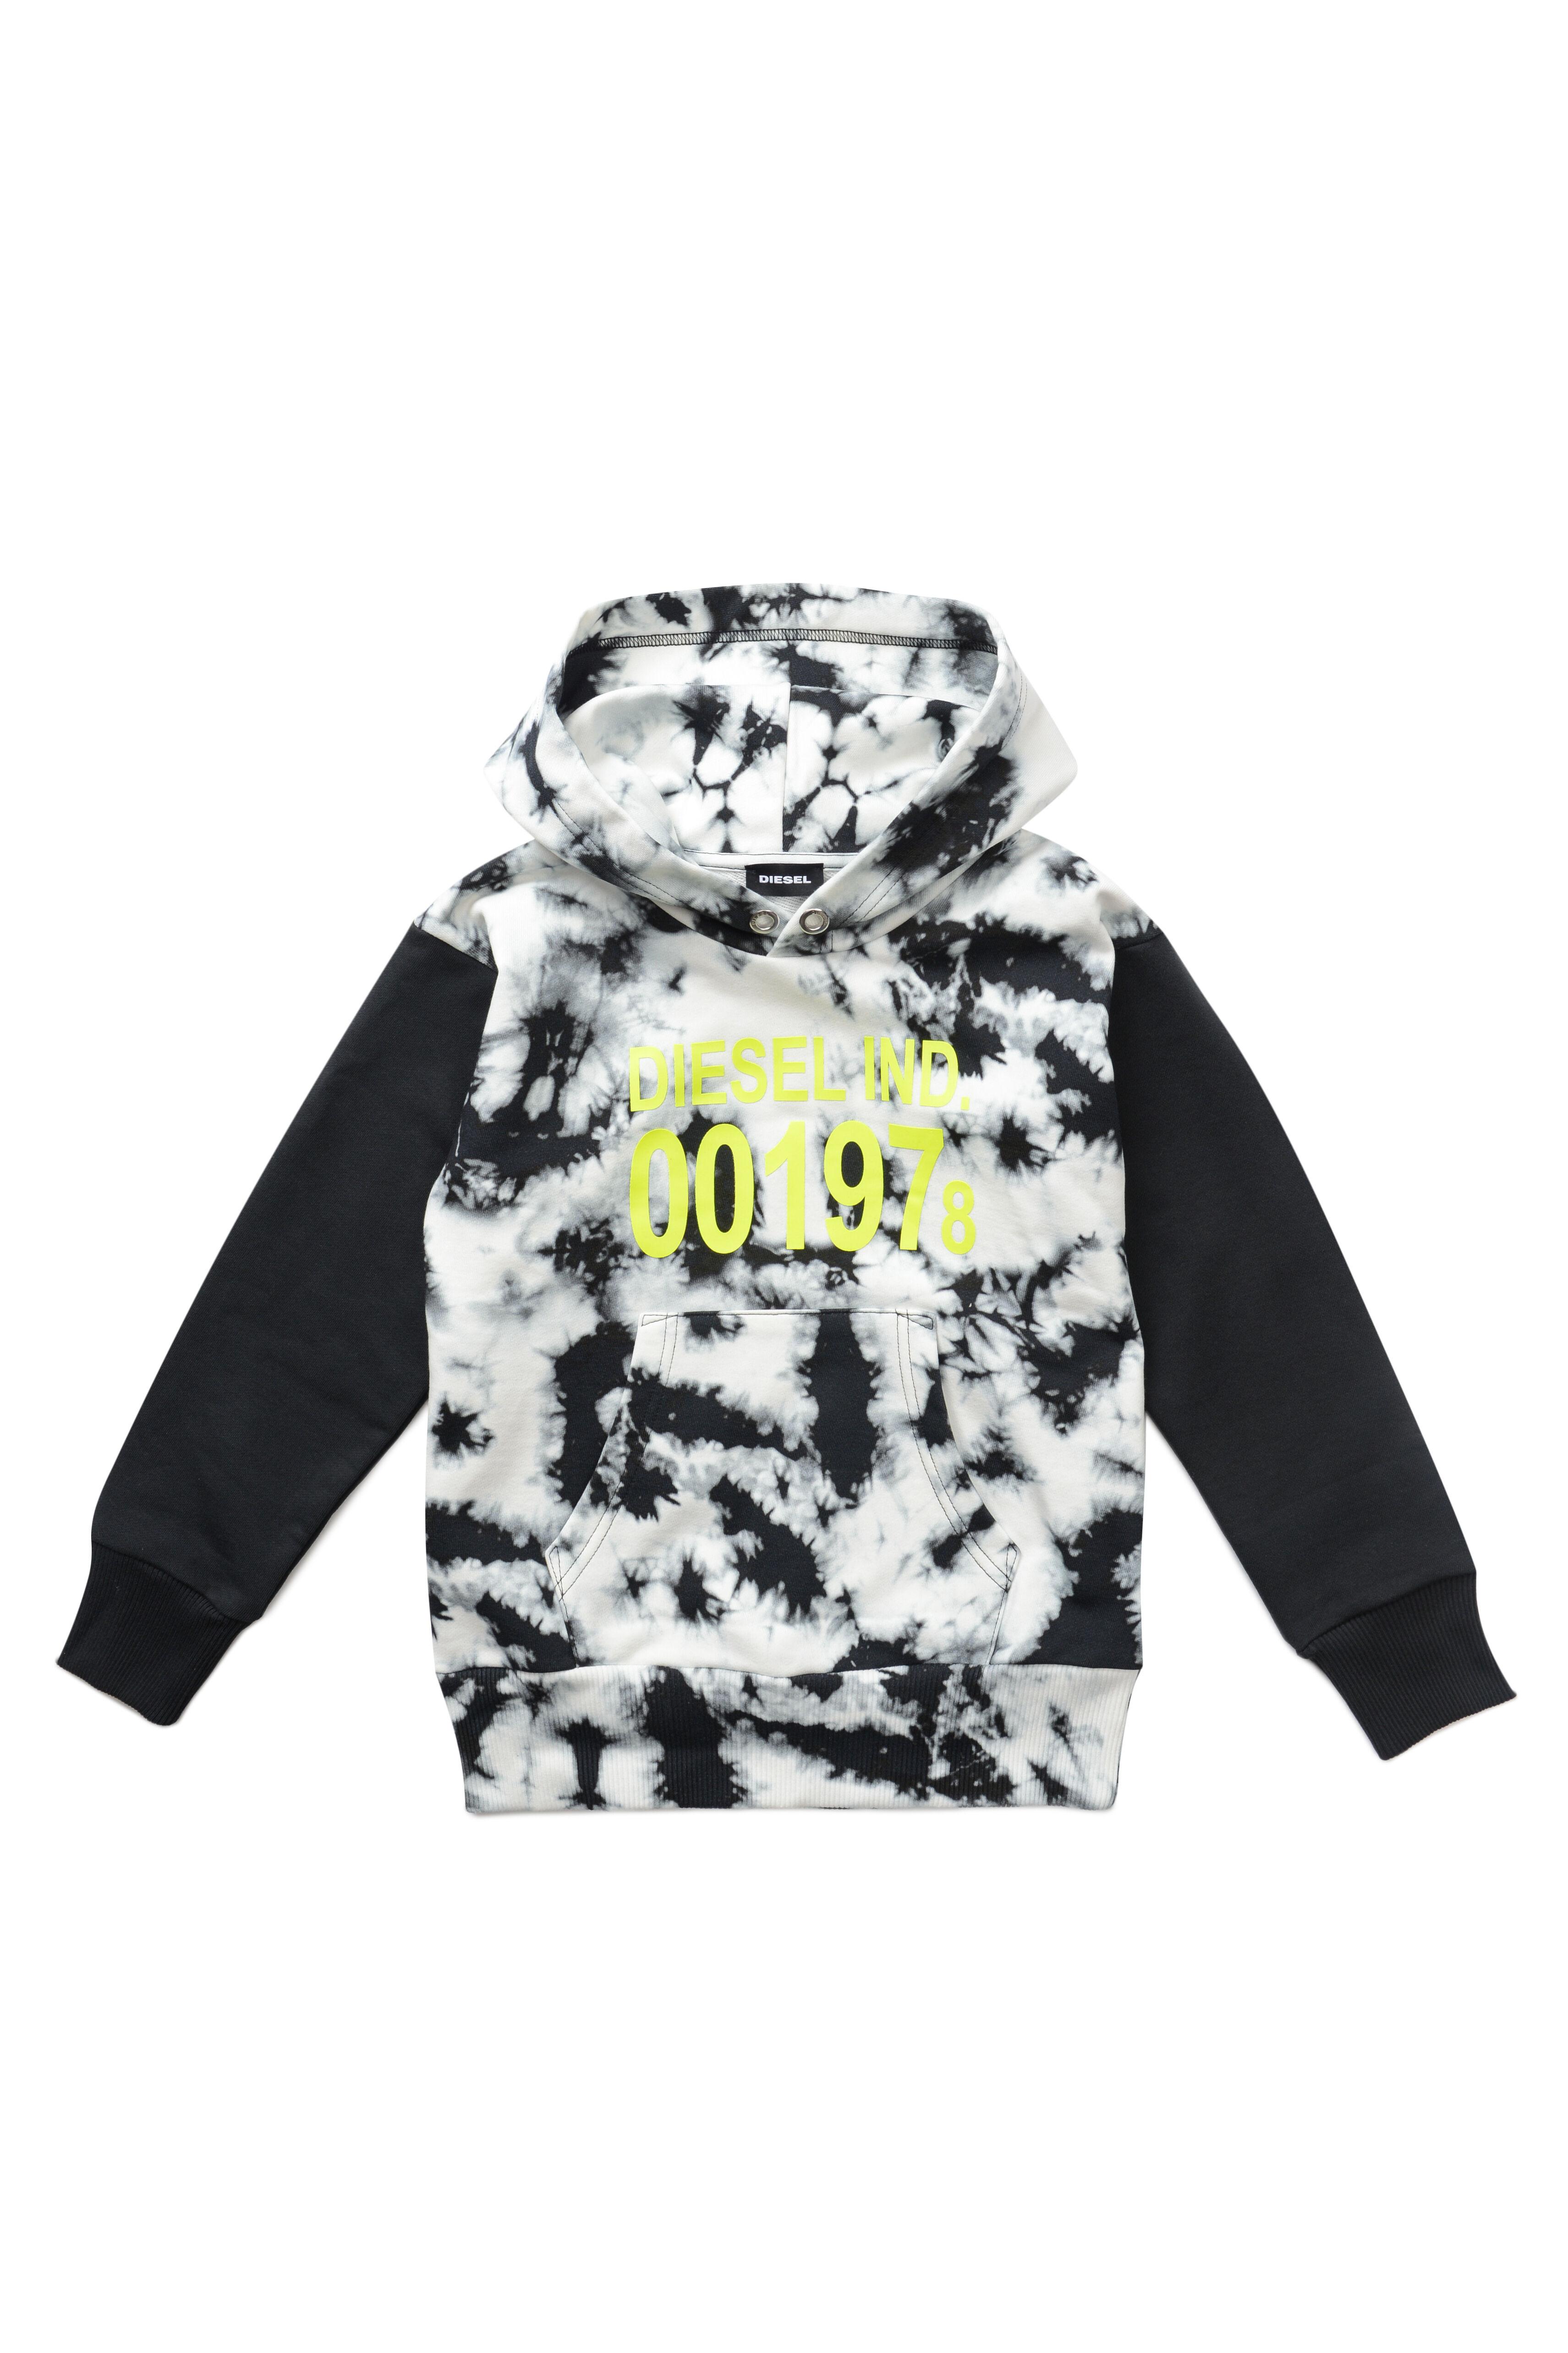 Salbyy Over Sweatshirt - Diesel Kid